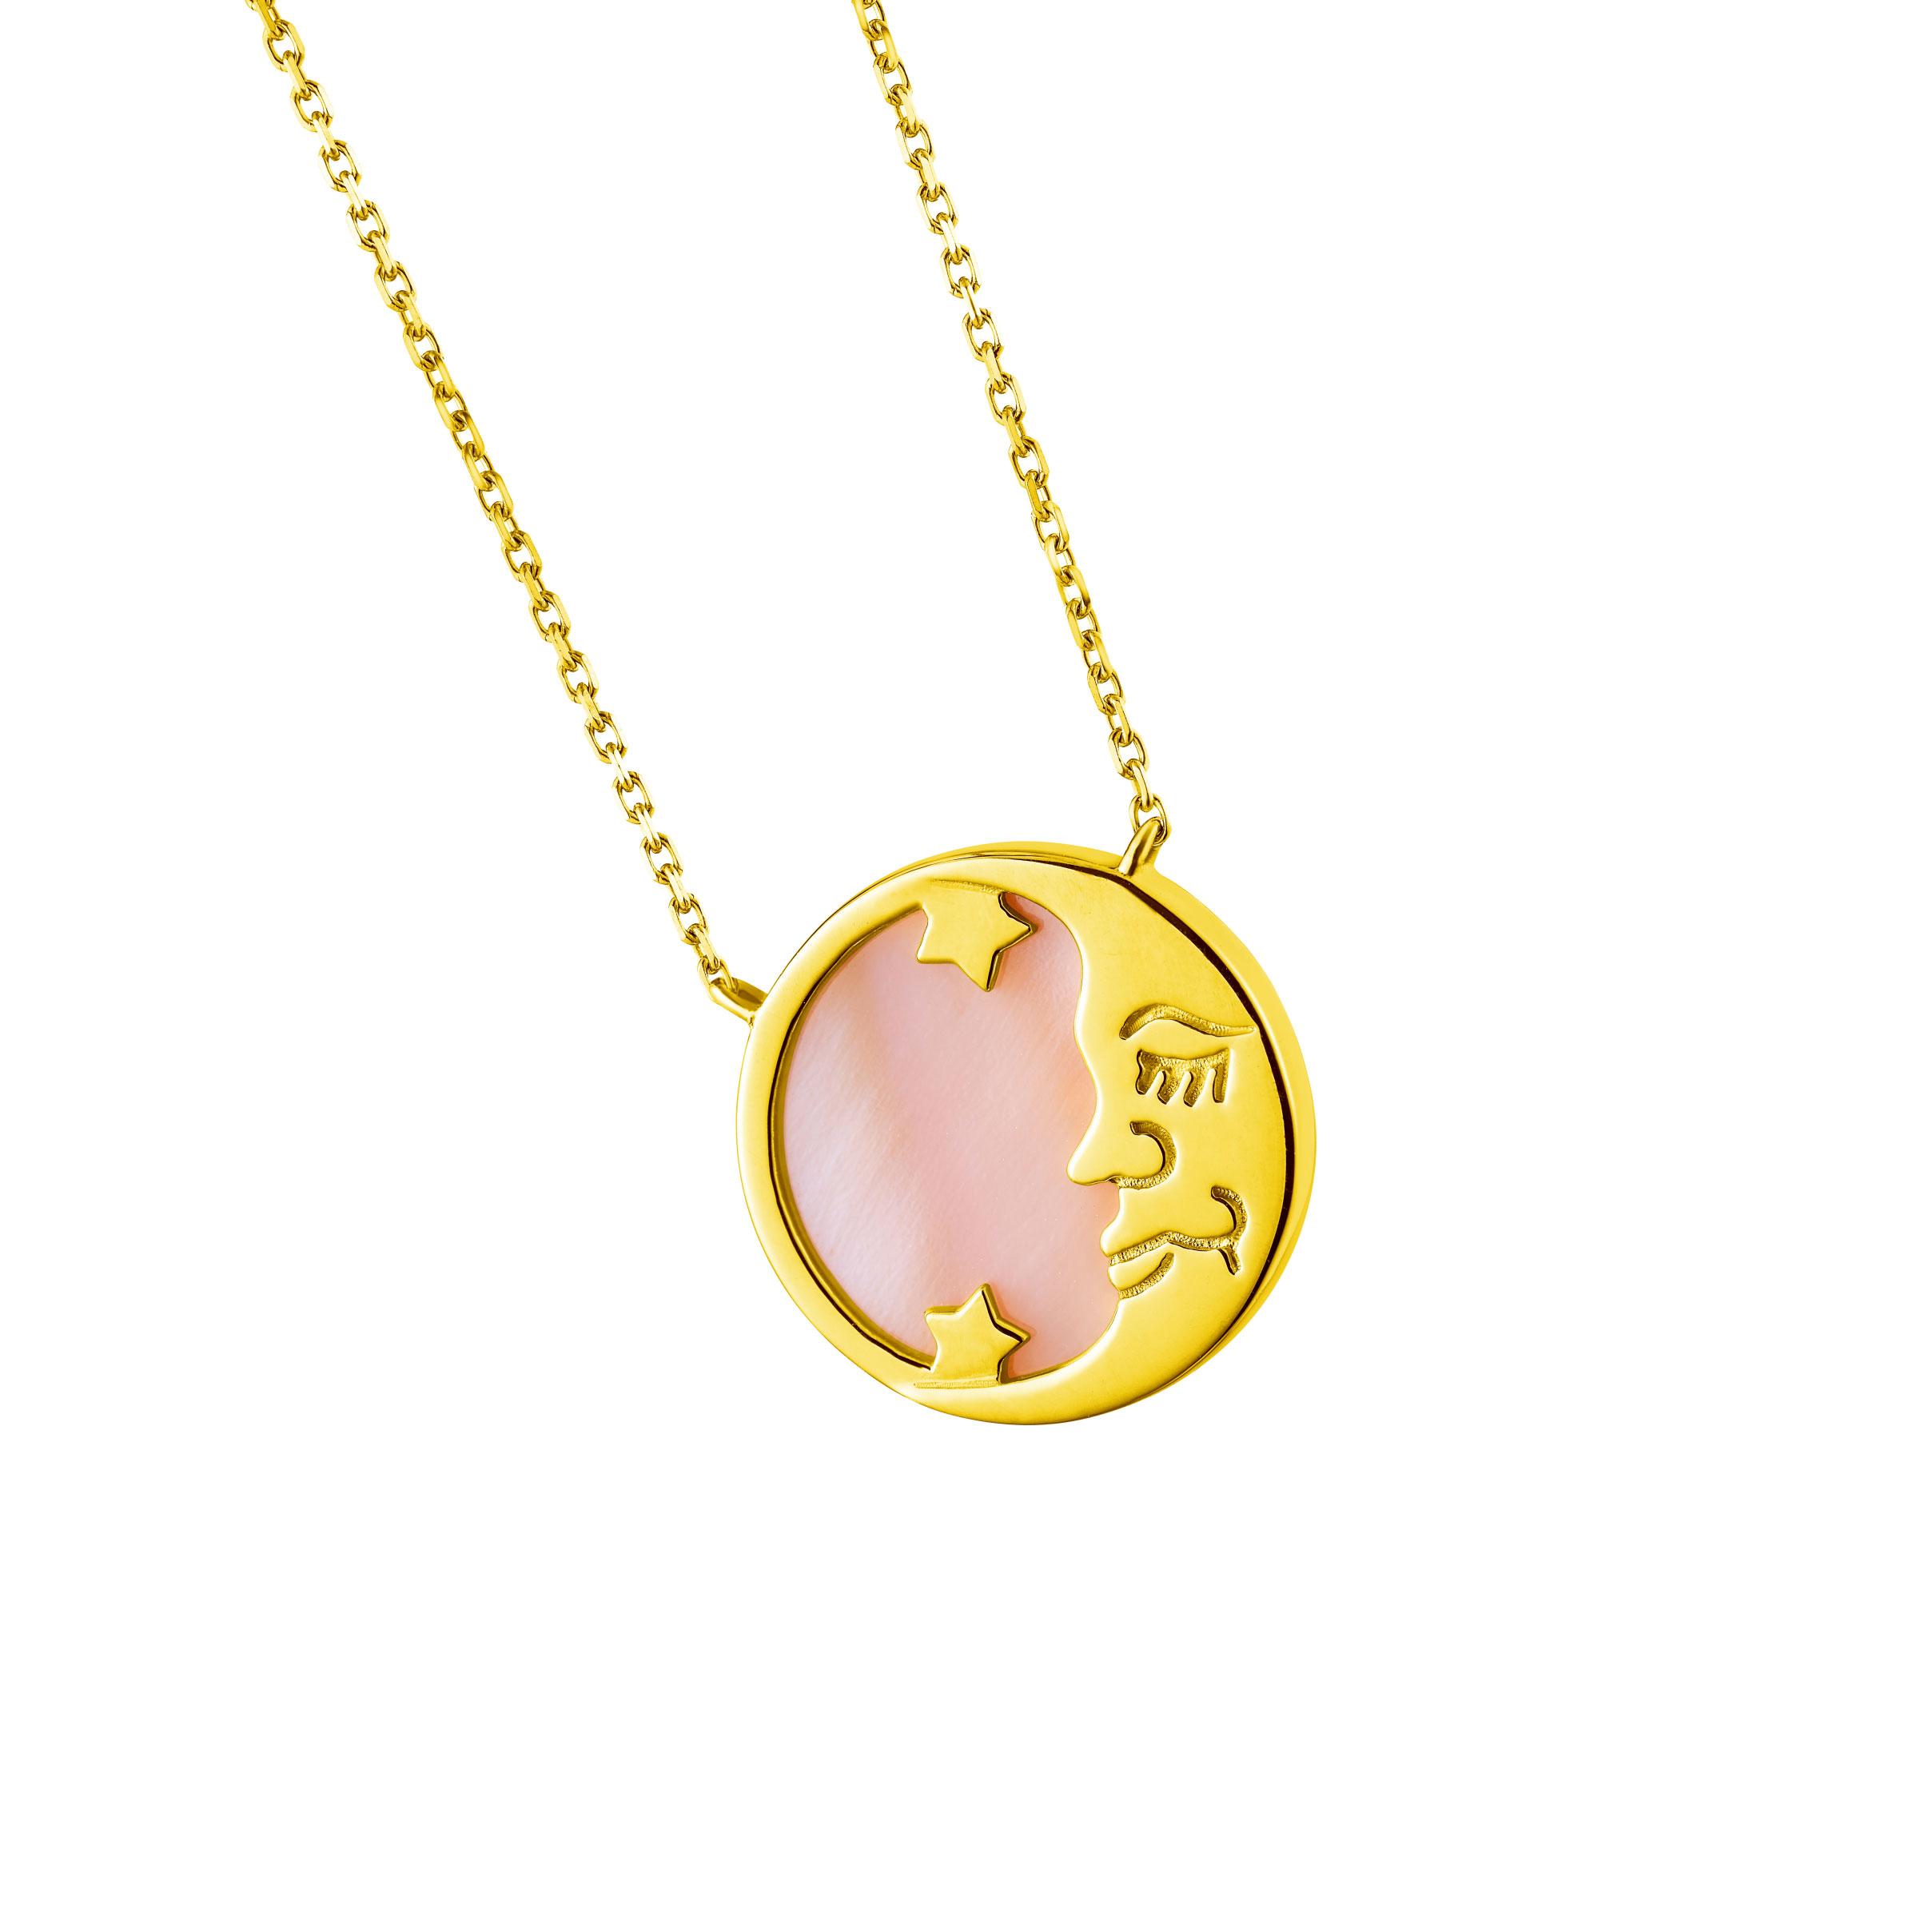 Goldstyle「日月星辰」项链